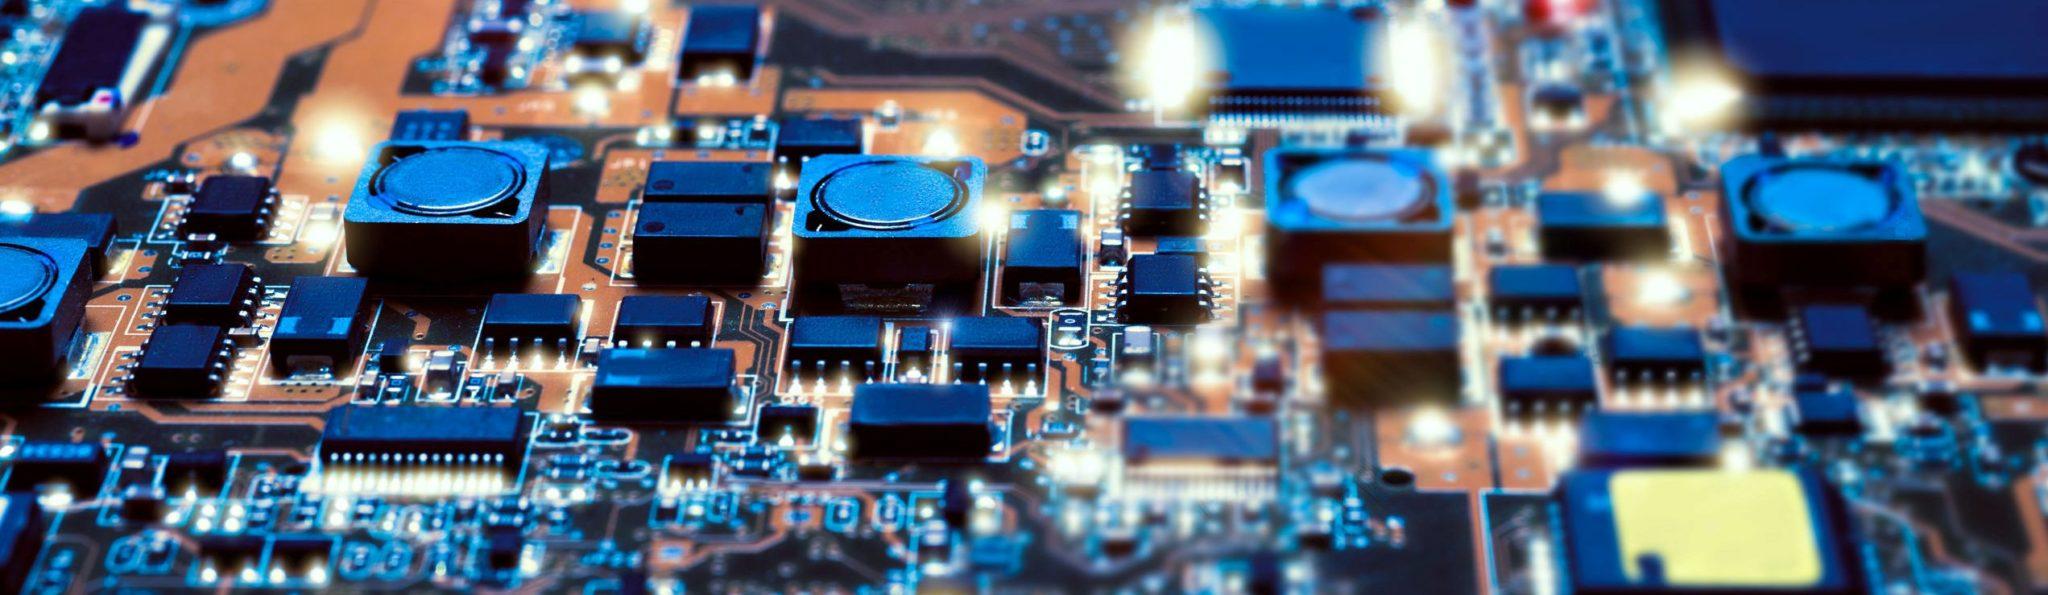 Preizkusi strojne in programske opreme